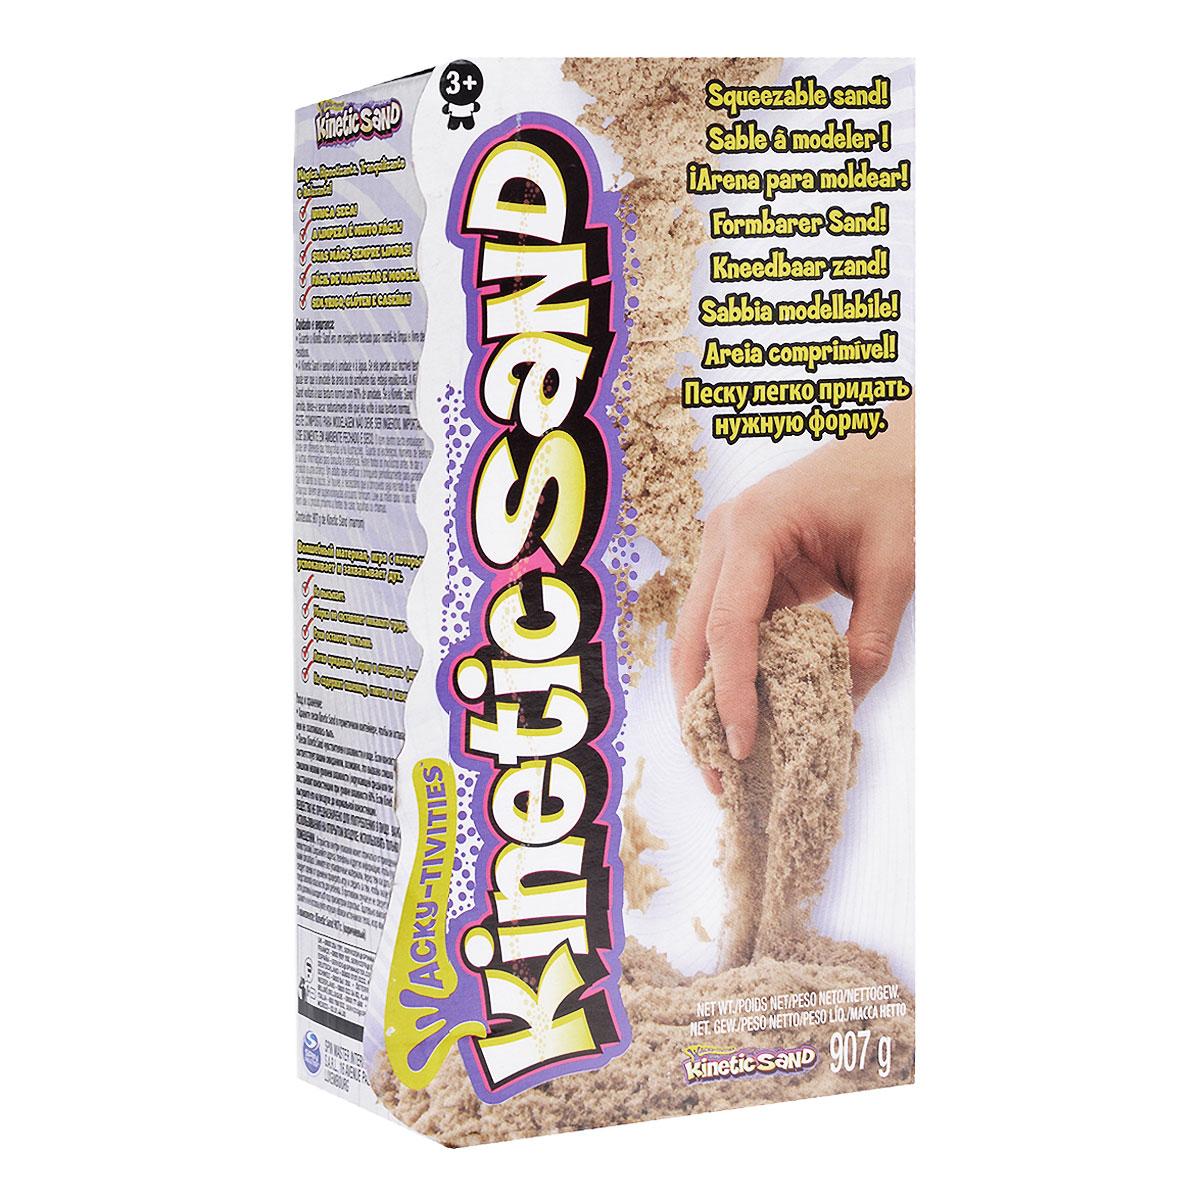 Кинетический песок Kinetic Sand, 907 г71400Кинетический песок Kinetic Sand - уникальный материал для детского творчества. На первый взгляд напоминает влажный морской песок, но когда берешь его в руки - проявляются его необычные свойства. Он течет сквозь пальцы и в тоже время остается сухим. Он рыхлый, но из него можно строить разнообразные фигуры. Он приятный на ощупь, не оставляет следов на руках и может использоваться как расслабляющее и терапевтическое средство. Kinetic Sand представляет собой смесь чистого песка (98%) и специального связующего вещества (2%). Абсолютно безопасен. Никогда не высыхает. Оставляет все поверхности совершенно чистыми. Является неблагоприятной средой для размножения бактерий. С песком Kinetic Sand интересно играть как одному ребенку, так и нескольким одновременно. Развивает мелкую моторику, чувственное восприятие и креативность.